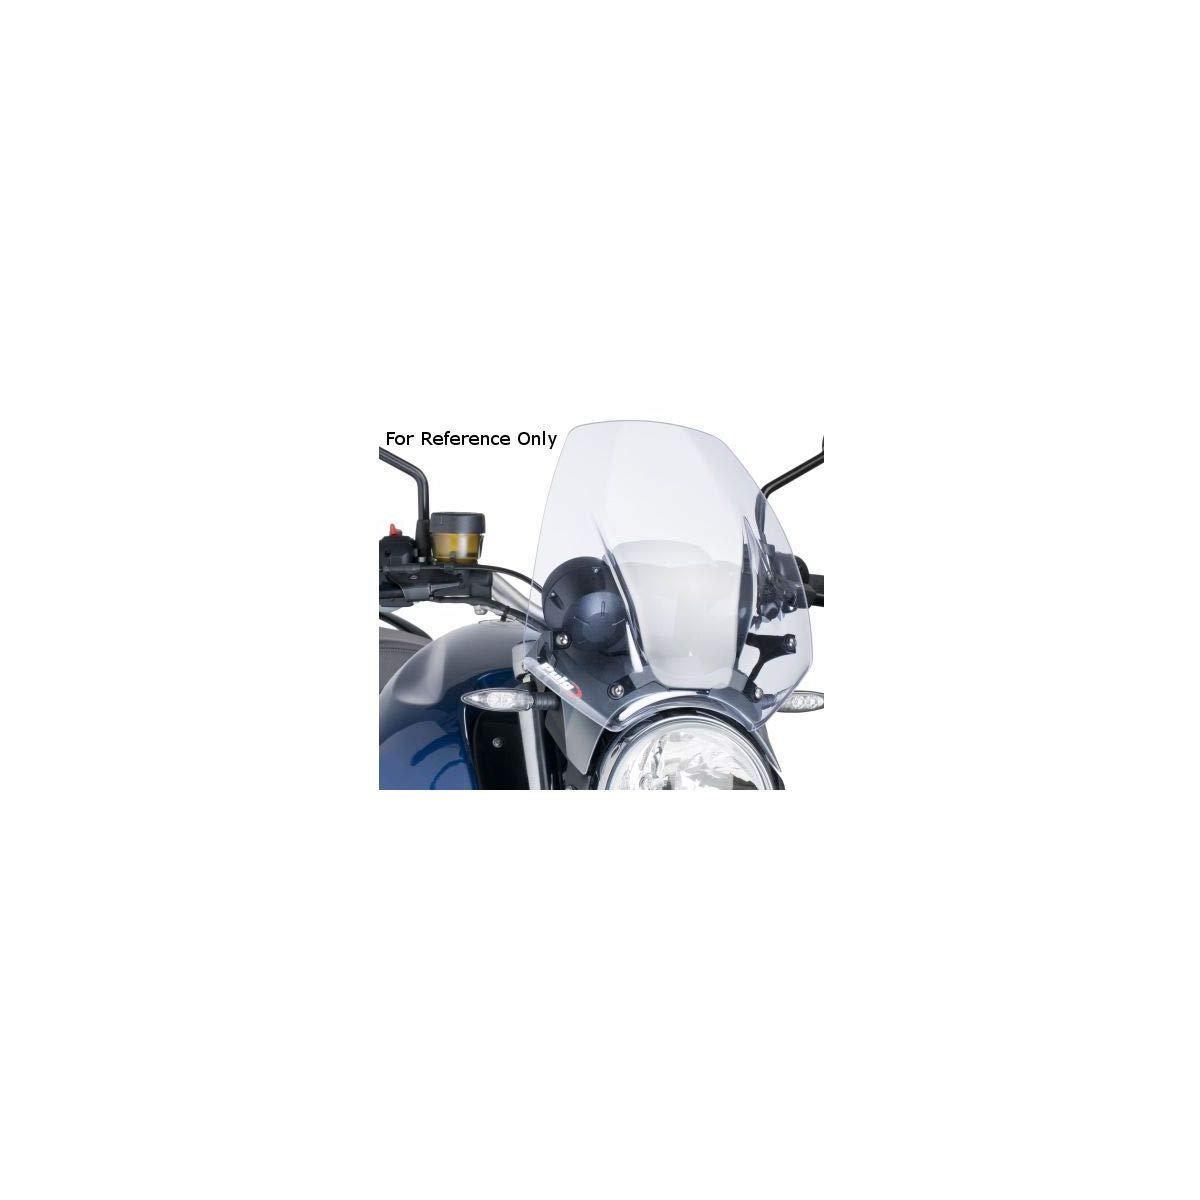 media Puig 5587 ore da parabrezza per MV Agusta Brutale 2005-2009//Brutale 920 2012//Brutale 1090 RR 2010-2014 fumo